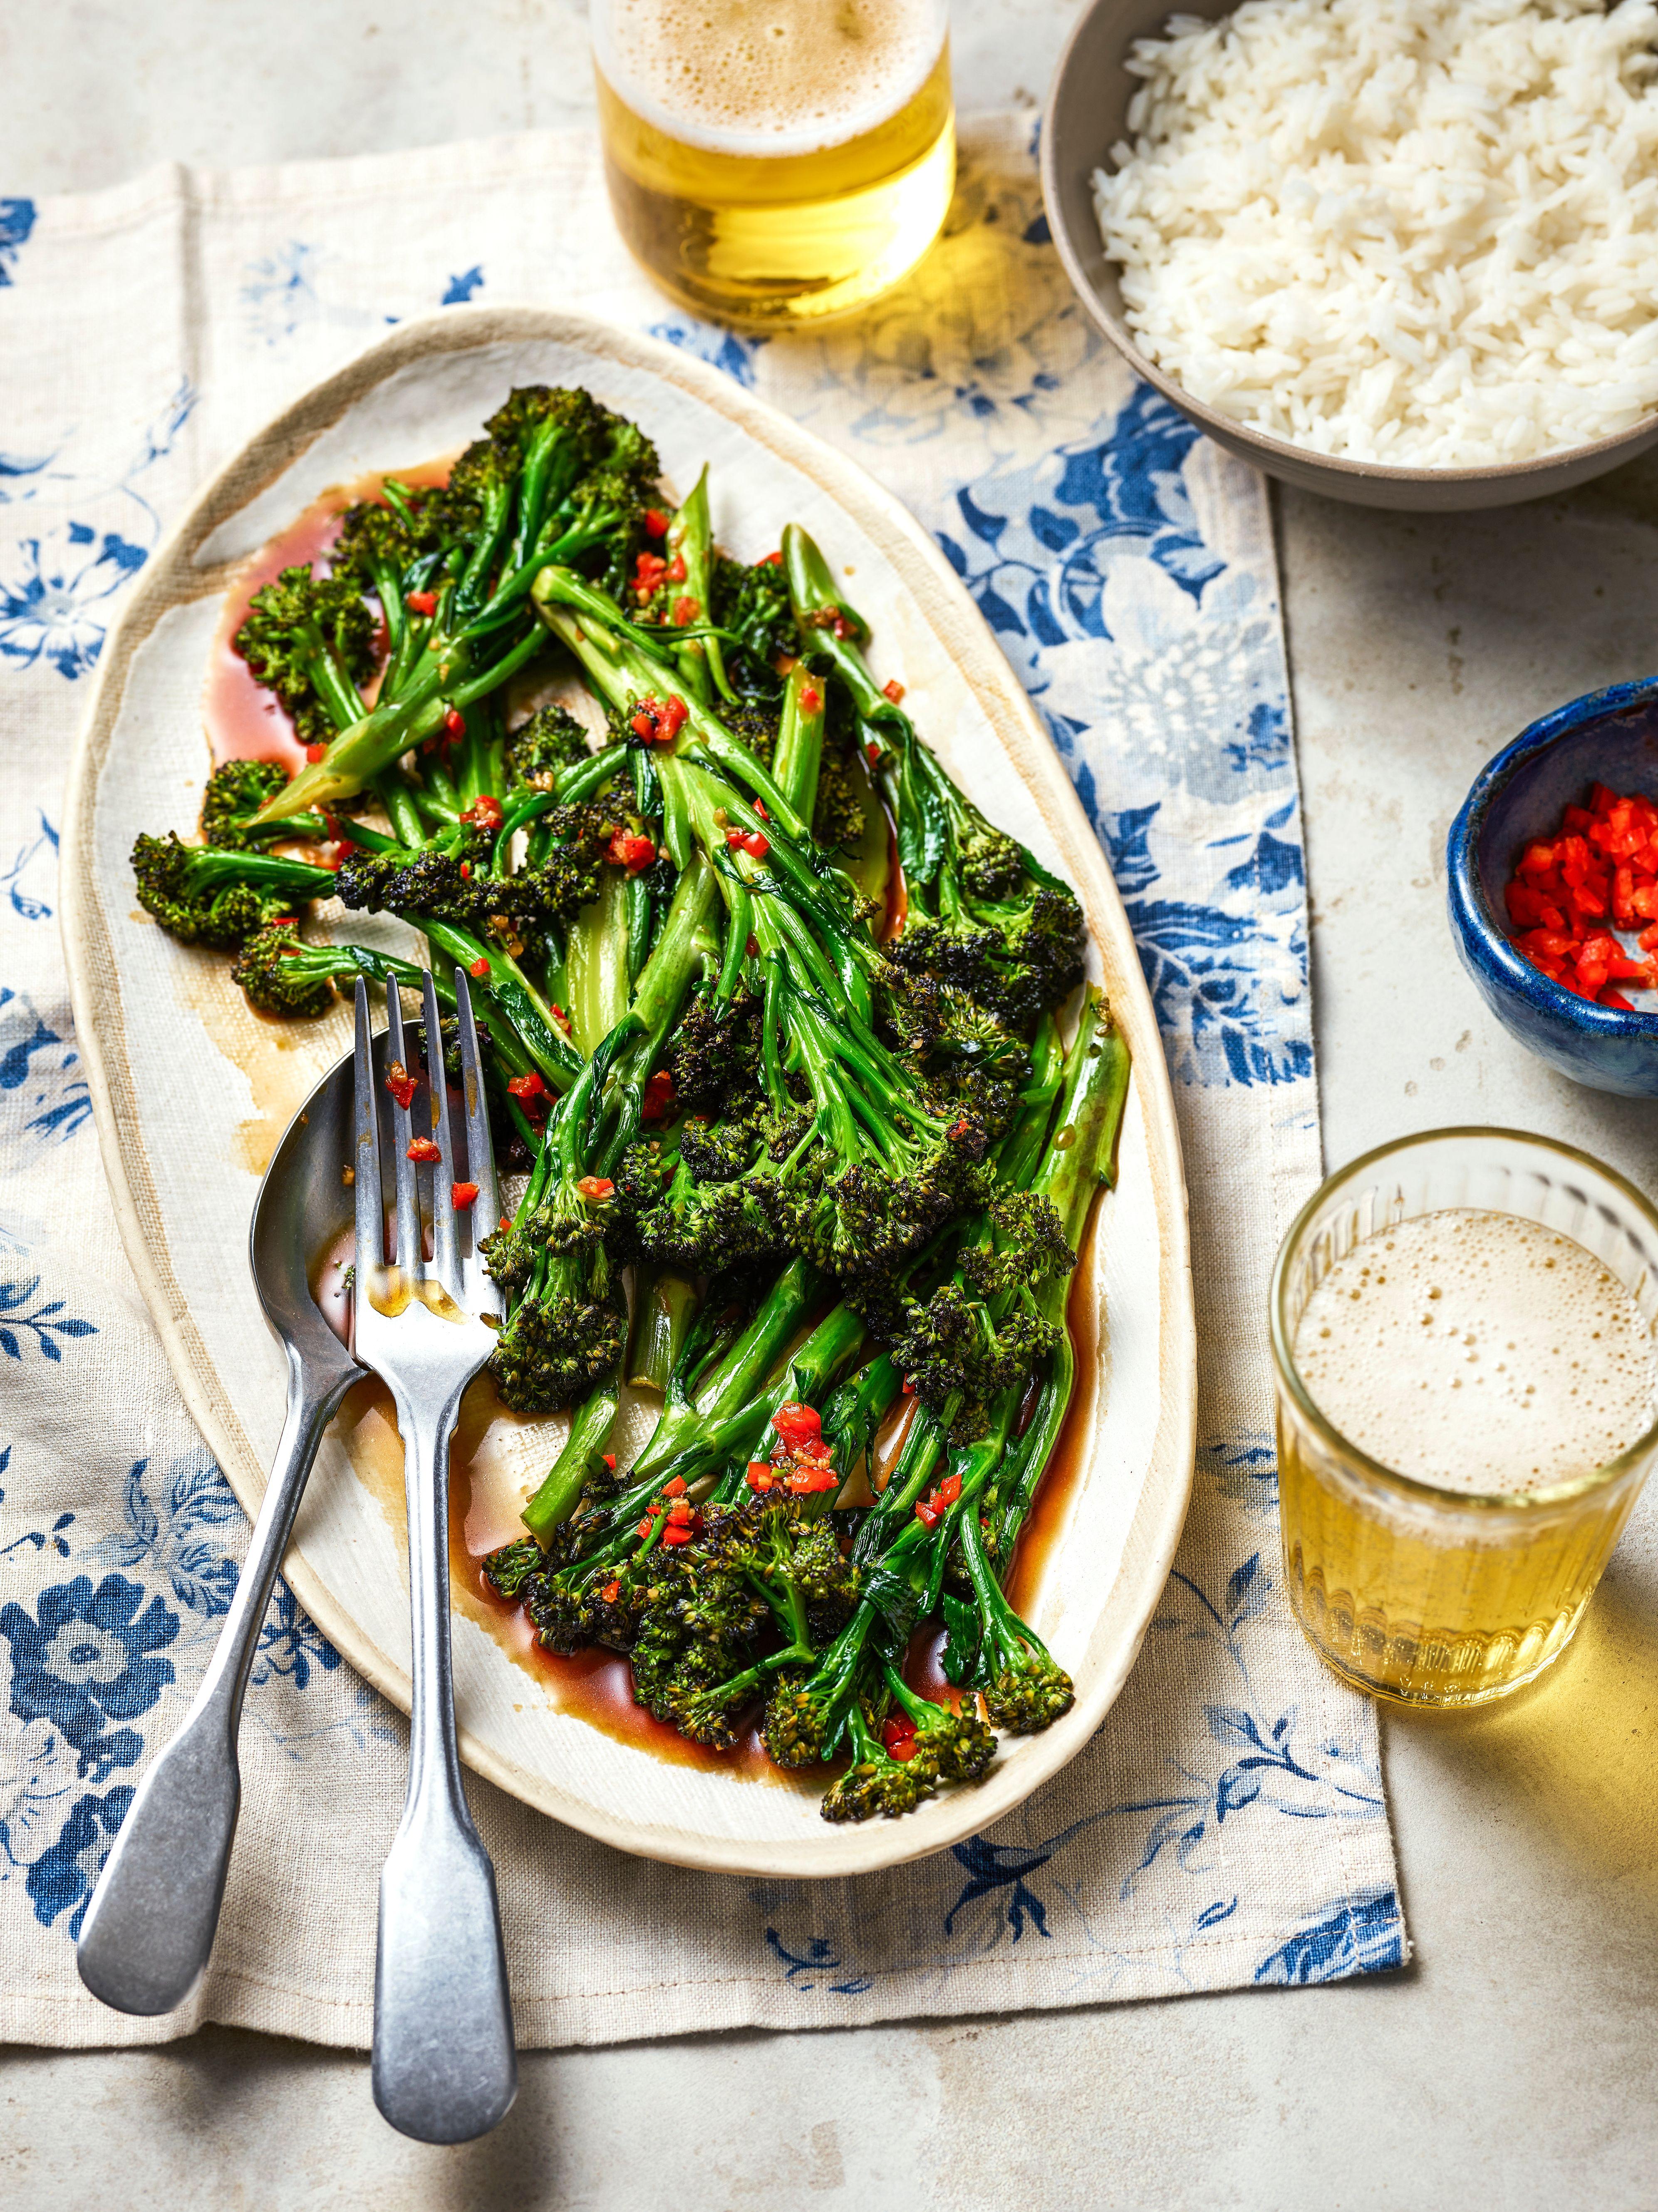 Un fel de mâncare mov cu brocoli, care încolțește, cu ardei iute